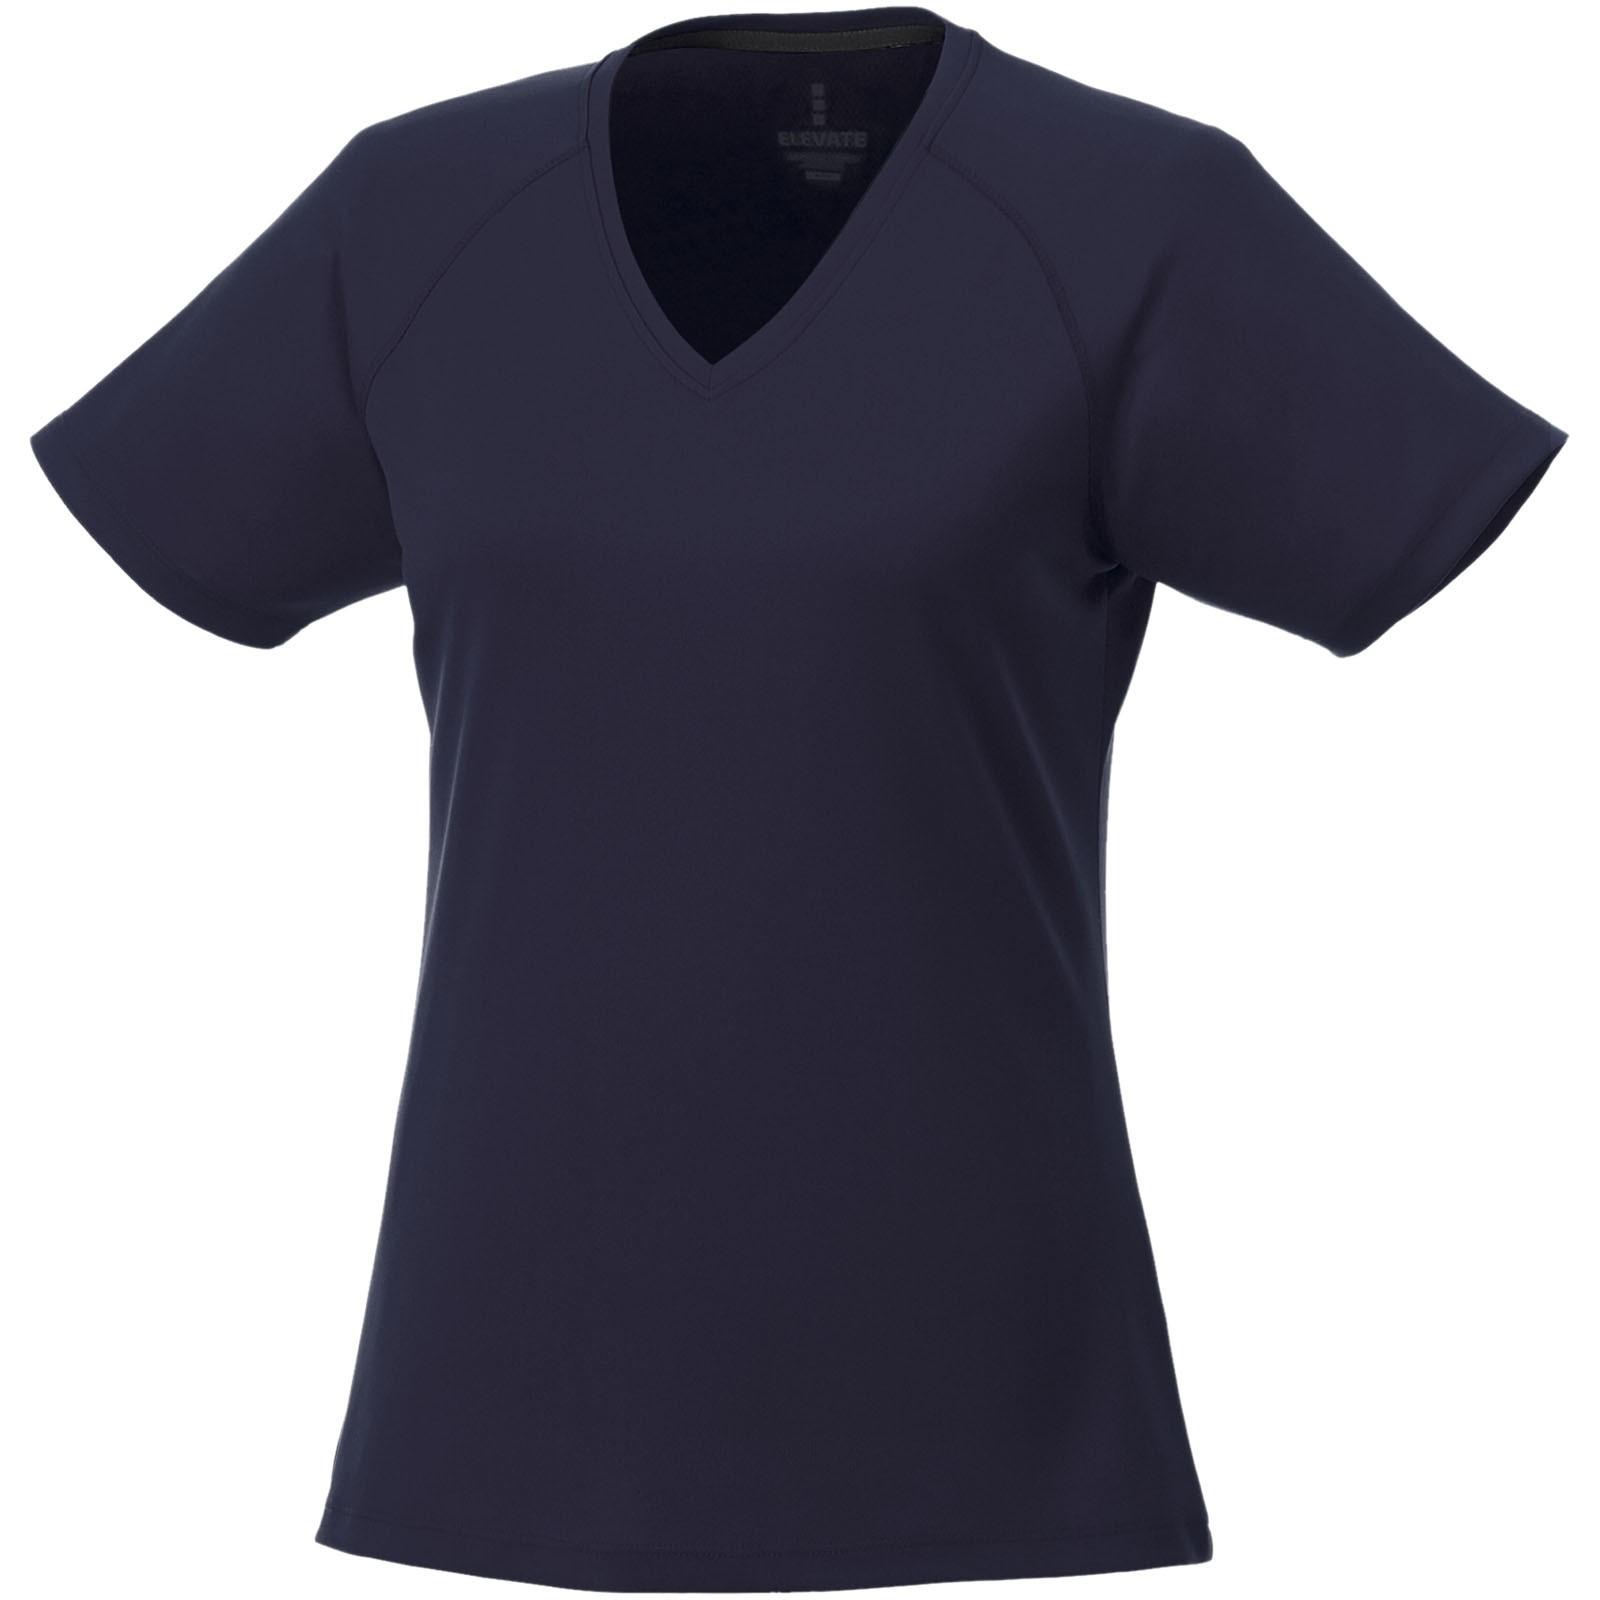 Amery dámské cool fit v-neck tričko s krátkým rukávem - Navy / S